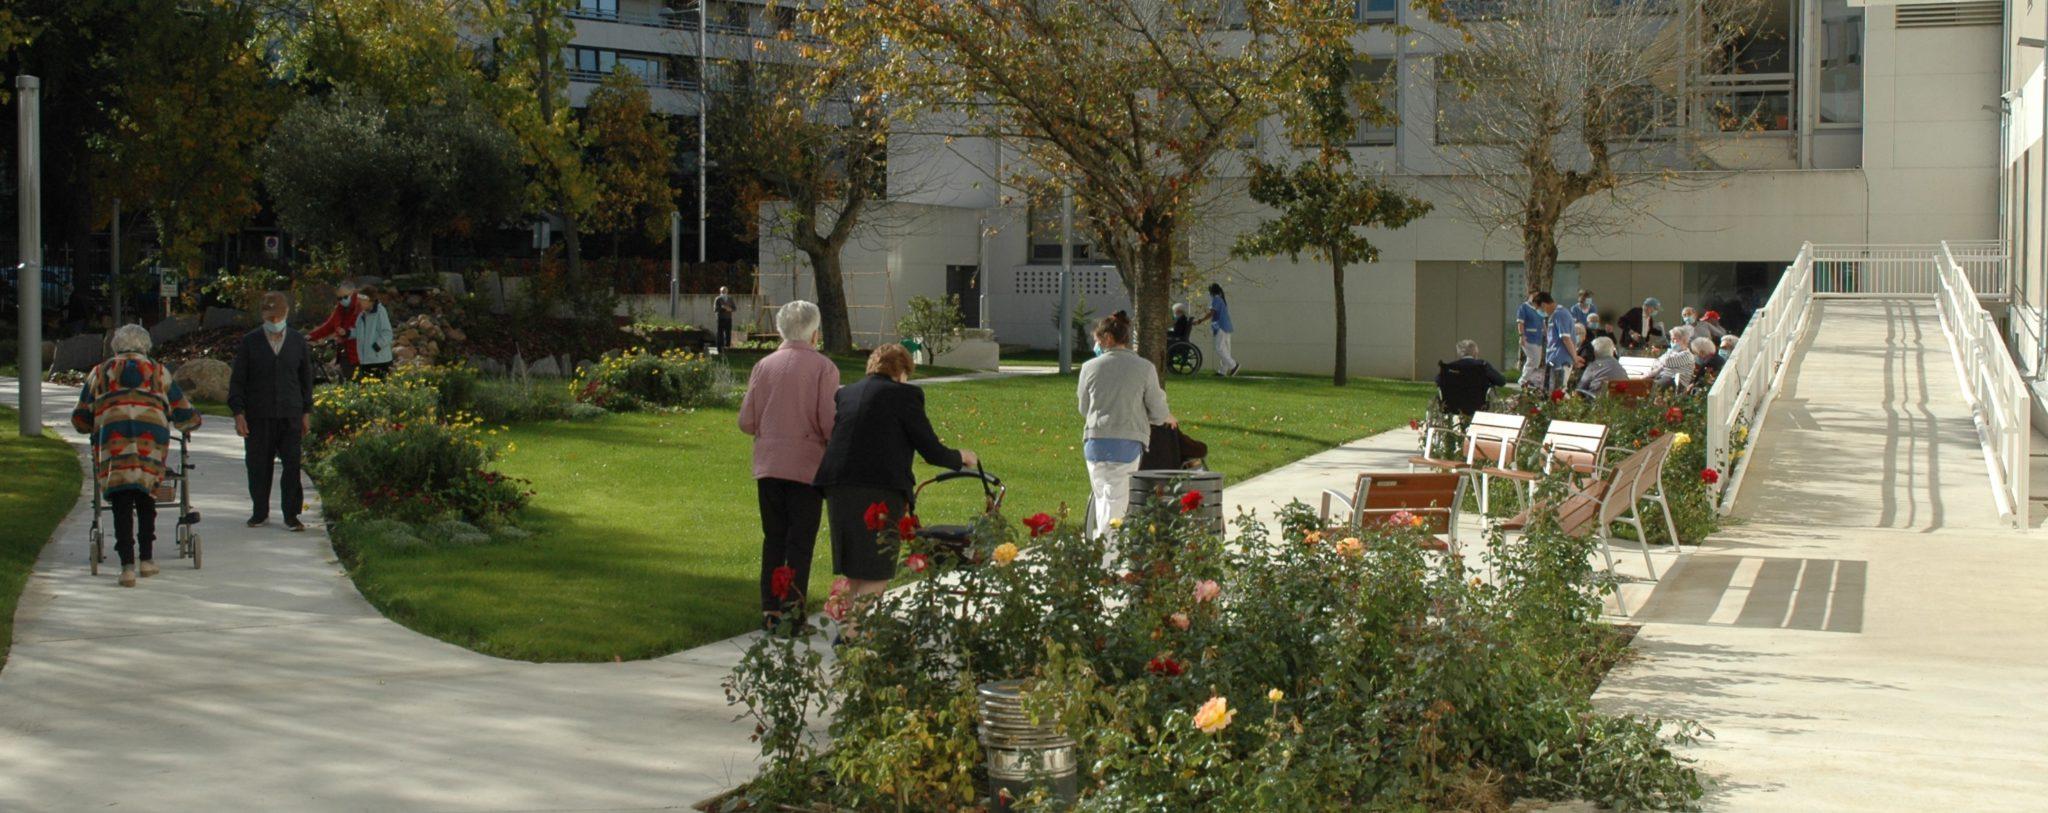 Paseos de residentes en el nuevo jardin